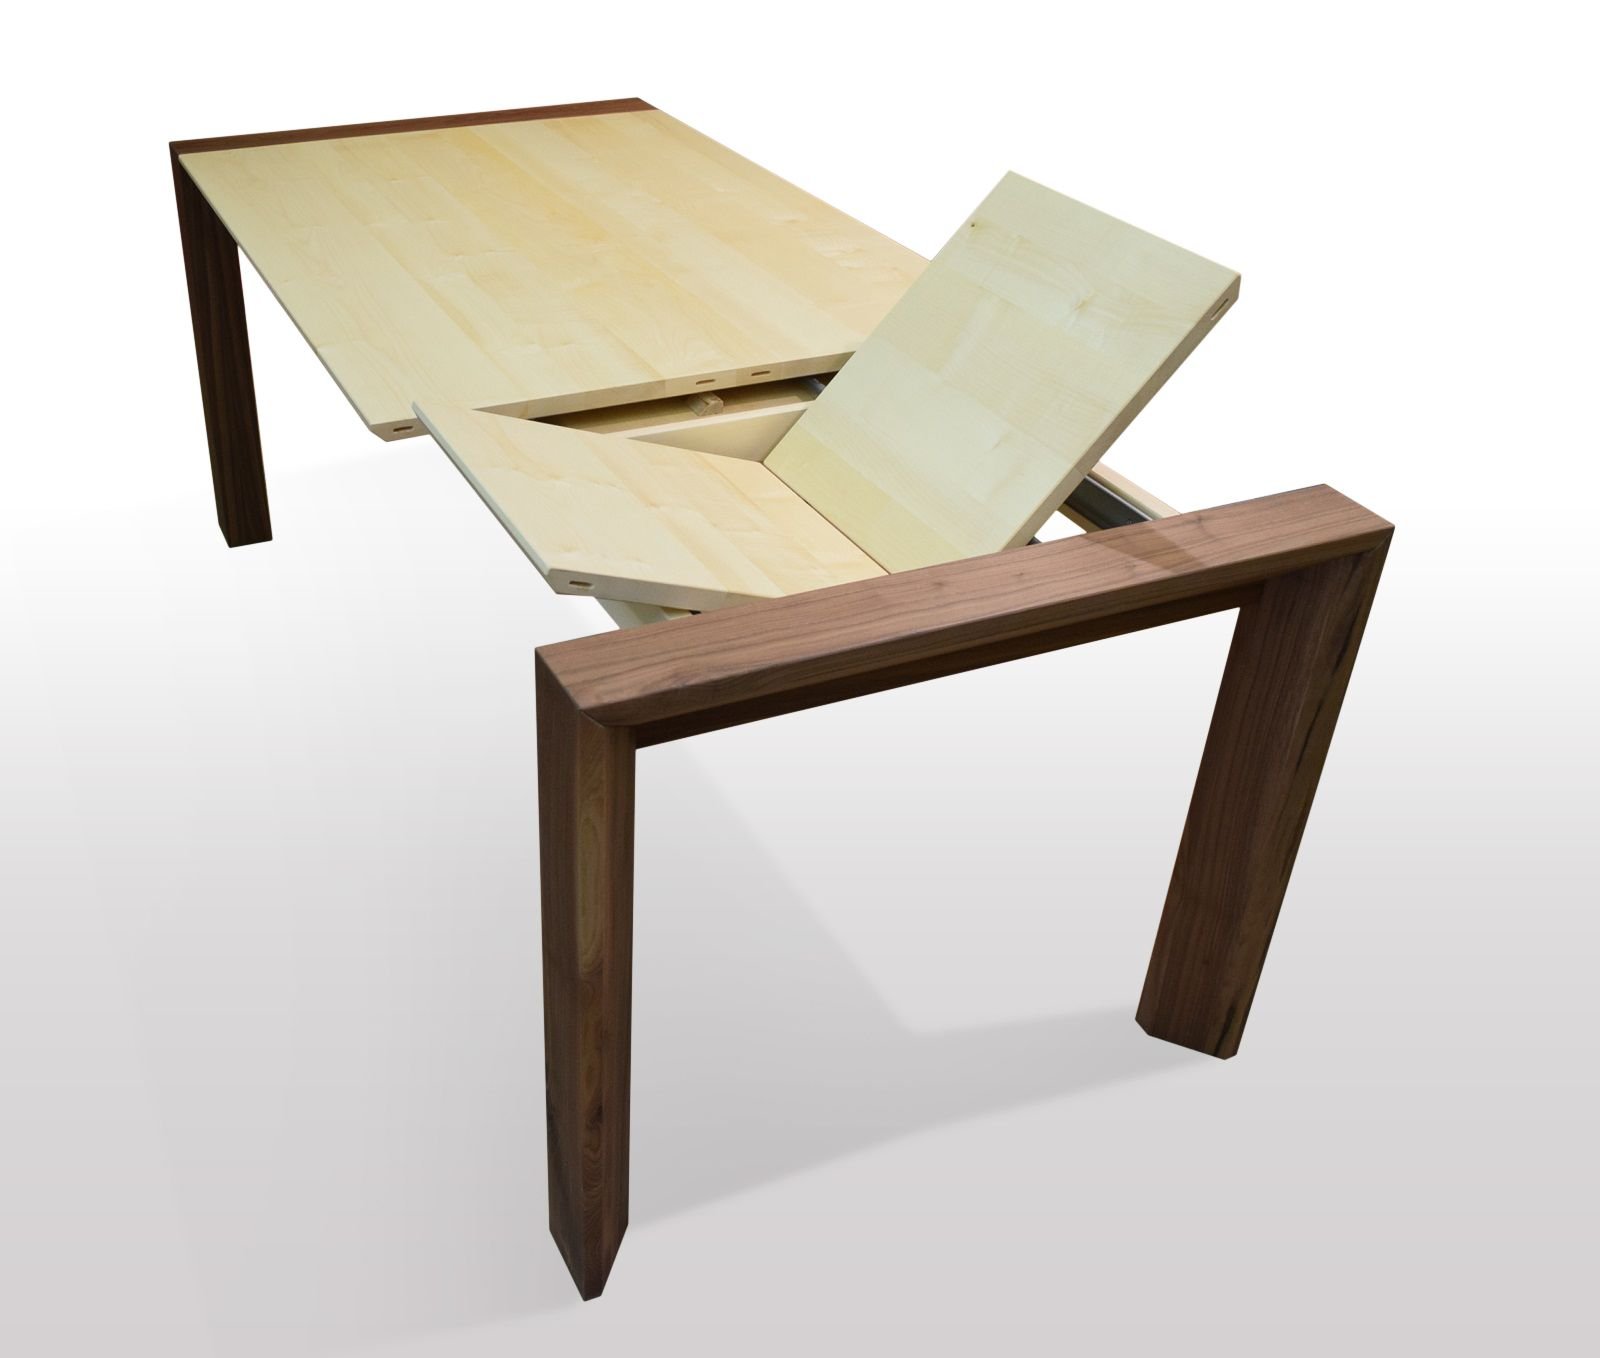 Tisch Ahorn Massiv Breite 80cm Lange Wahlbar Esstisch